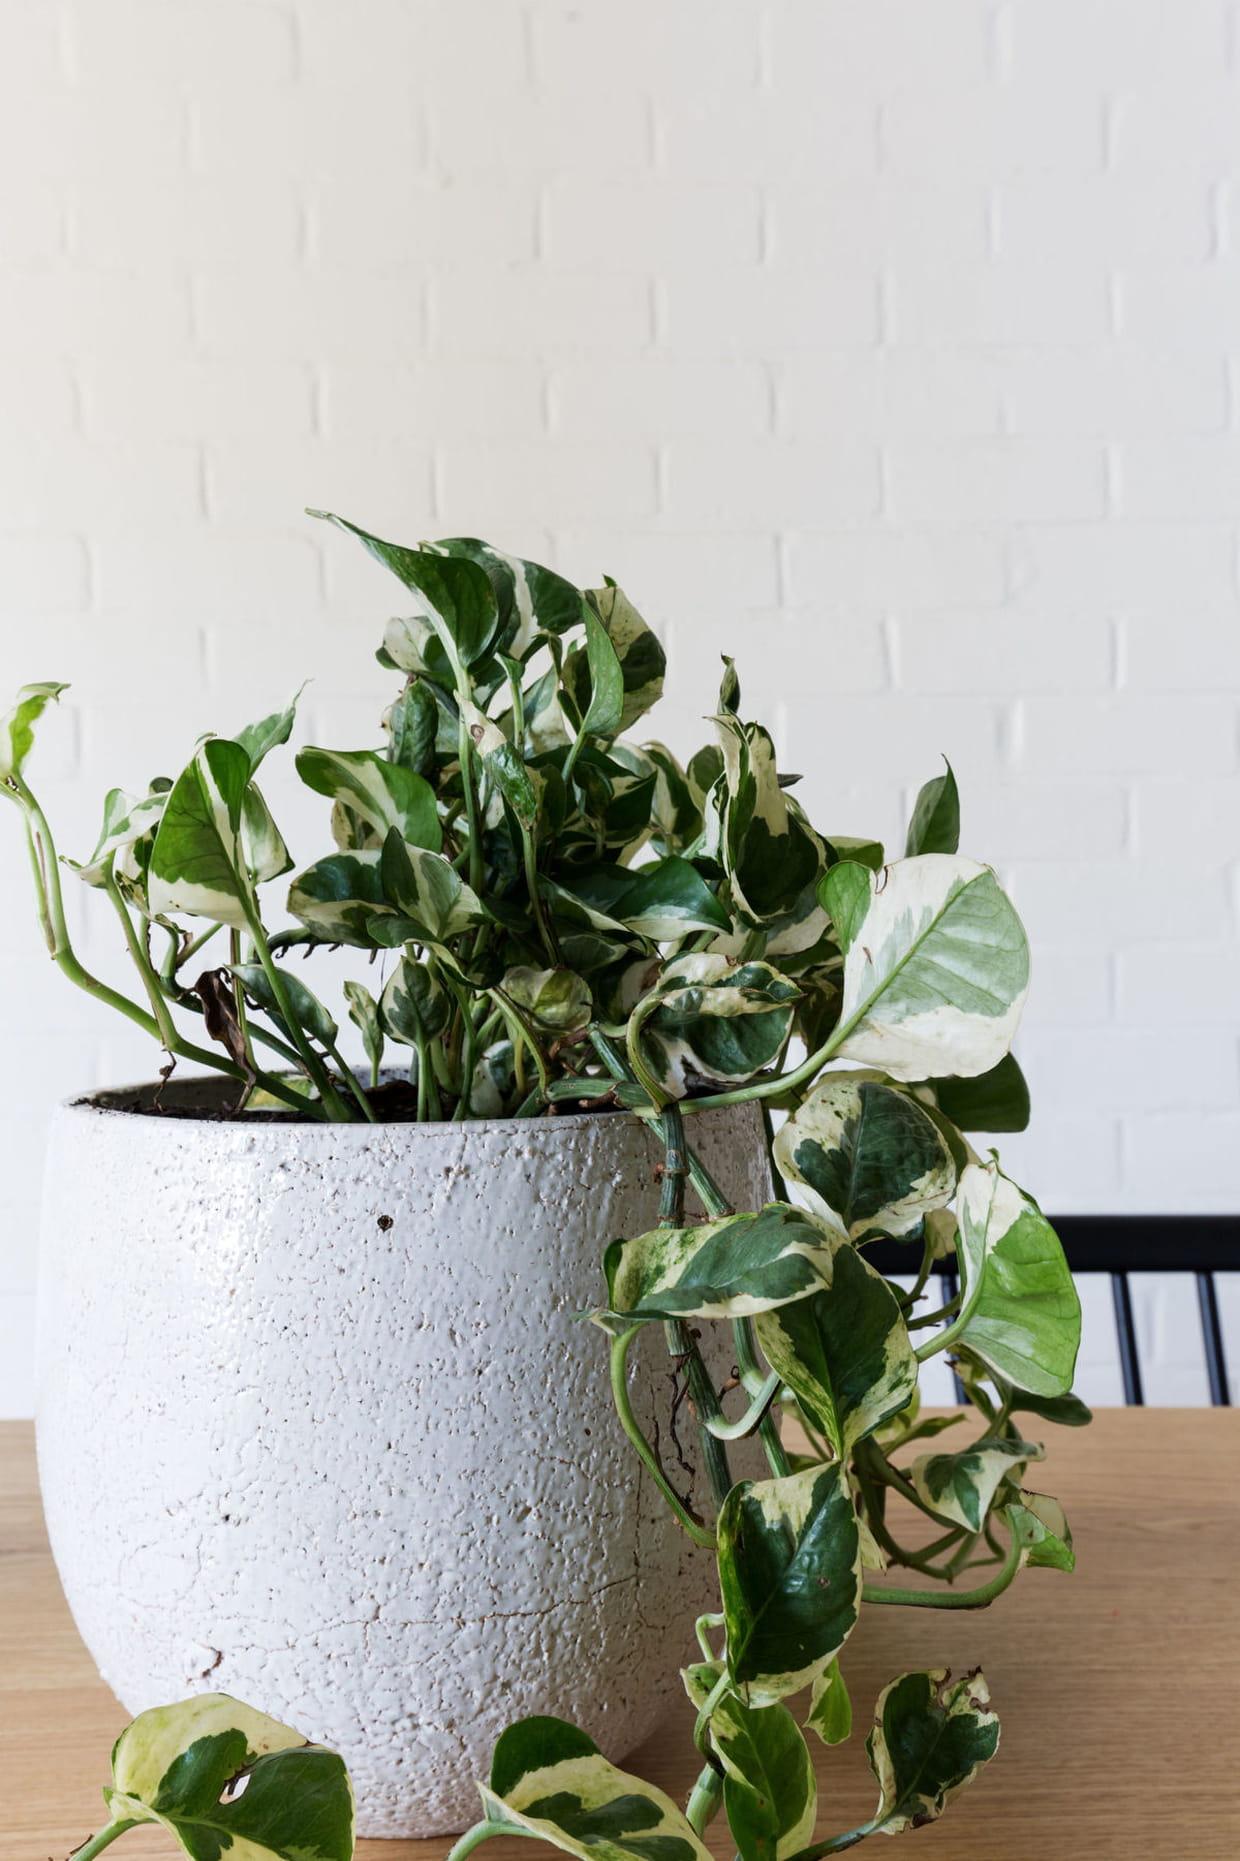 Plante Exterieur Qui Aime L Eau 19 plantes grimpantes pour végétaliser votre intérieur